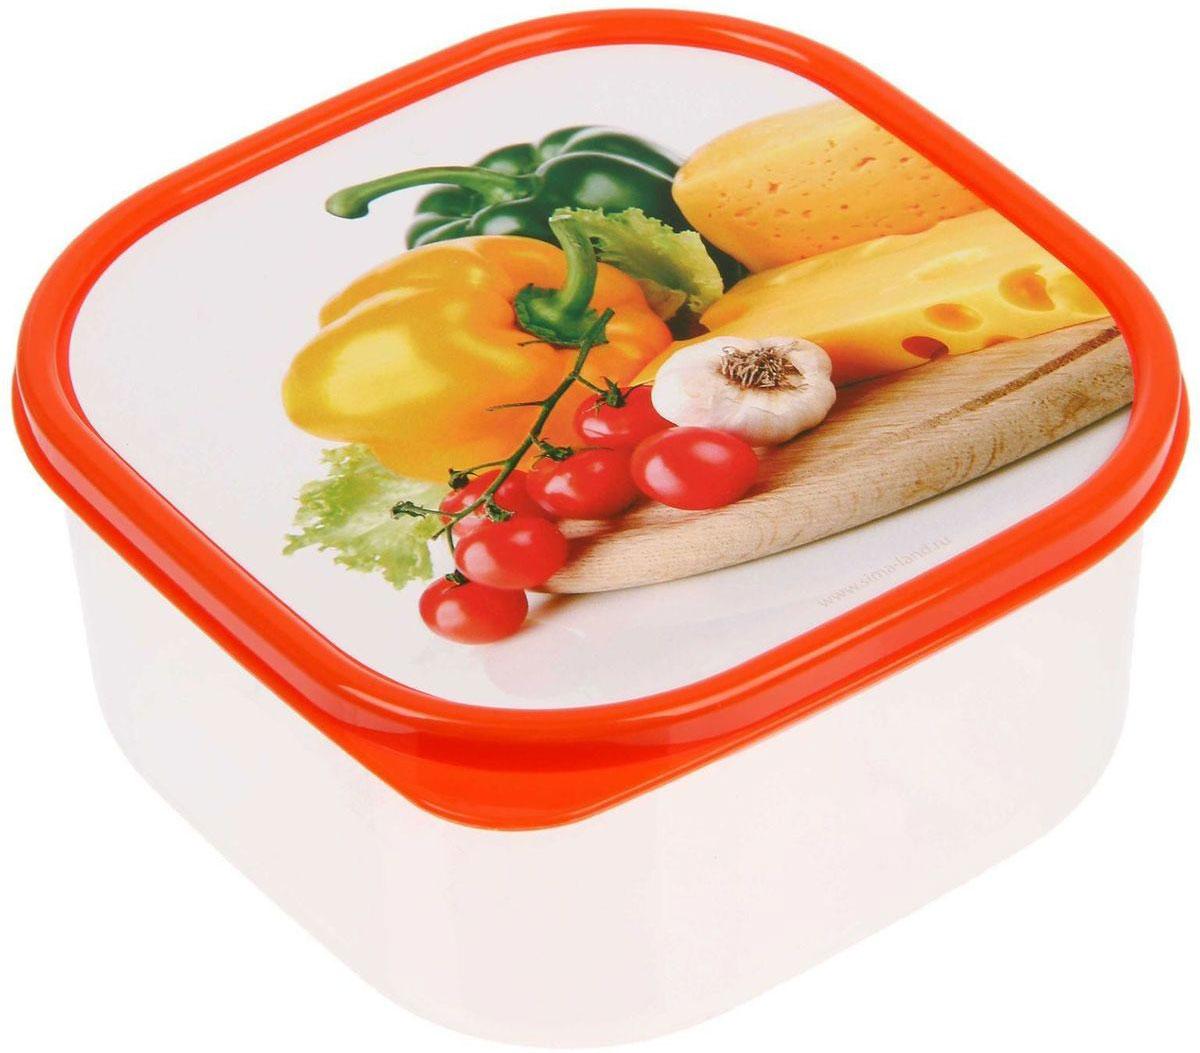 Ланч-бокс Доляна №8, квадратный, 700 мл1333981Если после вкусного обеда осталась еда, а насладиться трапезой хочется и на следующий день, ланч-бокс станет отличным решением данной проблемы! Такой контейнер является незаменимым предметом кухонной утвари, ведь у него много преимуществ: Простота ухода. Ланч-бокс достаточно промыть тёплой водой с небольшим количеством чистящего средства, и он снова готов к использованию. Вместительность. Большой выбор форм и объёма поможет разместить разнообразные продукты от сахара до супов. Эргономичность. Ланч-боксы очень легко хранить даже в самой маленькой кухне, так как их можно поставить один в другой по принципу матрёшки. Многофункциональность. Разнообразие цветов и форм делает возможным использование контейнеров не только на кухне, но и в других областях домашнего быта. Любители приготовления обеда на всю семью в большинстве случаев приобретают ланч-боксы наборами, так как это позволяет рассортировать продукты по всевозможным признакам. К тому же контейнеры среднего размера станут незаменимыми помощниками на работе: ведь что может быть приятнее, чем порадовать себя во время обеда прекрасной едой, заботливо сохранённой в контейнере? В качестве материала для изготовления используется пластик, что делает процесс ухода за контейнером ещё более эффективным. К каждому ланч-боксу в комплекте также прилагается крышка подходящего размера, это позволяет плотно и надёжно удерживать запах еды и упрощает процесс транспортировки. Однако рекомендуется соблюдать и меры предосторожности: не использовать пластиковые контейнеры в духовых шкафах и на открытом огне, а также не разогревать в микроволновых печах при закрытой крышке ланч-бокса. Соблюдение мер безопасности позволит продлить срок эксплуатации и сохранить отличный внешний вид изделия. Эргономичный дизайн и многофункциональность таких контейнеров — вот, что является причиной большой популярности данного предмета у каждой хозяйки. А в преддверии лета и дачного сезона такое приобретение поз